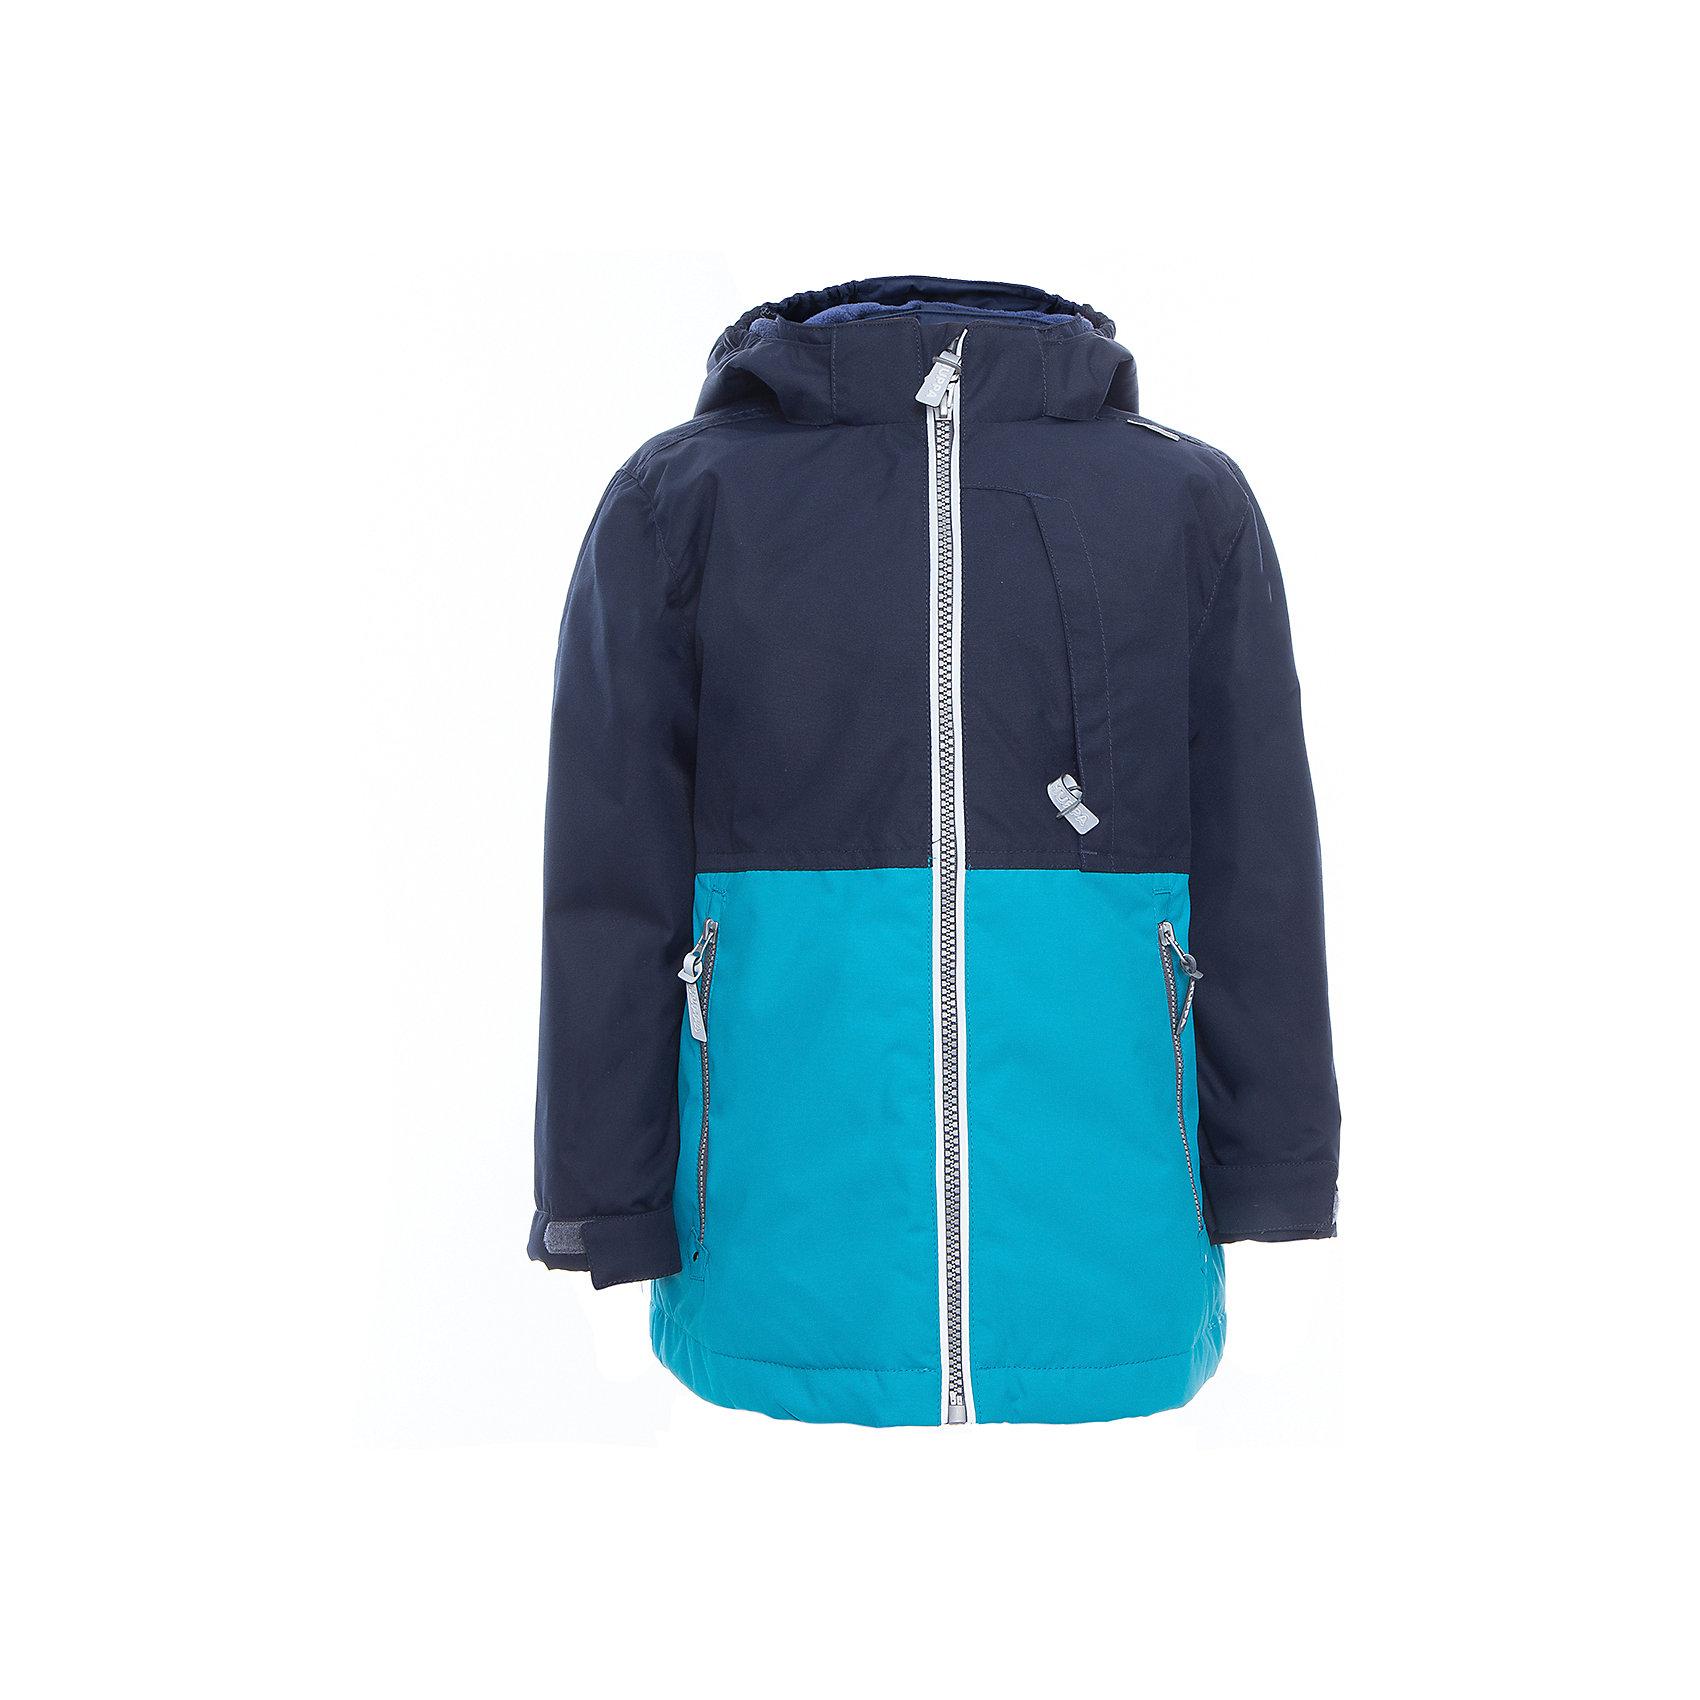 Куртка для мальчика TREVOR HuppaВерхняя одежда<br>Характеристики товара:<br><br>• цвет: тёмно-синий/голубой<br>• ткань: 100% полиэстер<br>• подкладка: тафта - 100% полиэстер<br>• утеплитель: 100% полиэстер 100 г<br>• температурный режим: от -5°С до +10°С<br>• водонепроницаемость: 10000 мм<br>• воздухопроницаемость: 10000 мм<br>• светоотражающие детали<br>• эластичные манжеты<br>• проклеенные швы<br>• карманы на молнии<br>• эластичный шнур + фиксатор<br>• съёмный капюшон с резинкой<br>• регулируемые манжеты<br>• комфортная посадка<br>• коллекция: весна-лето 2017<br>• страна бренда: Эстония<br><br>Эта стильная куртка обеспечит детям тепло и комфорт. Она сделана из материала, отталкивающего воду, и дополнено подкладкой с утеплителем, поэтому изделие идеально подходит для межсезонья. Материал изделия - с мембранной технологией: защищая от влаги и ветра, он легко выводит лишнюю влагу наружу. Для удобства сделан капюшон. Куртка очень симпатично смотрится, яркая расцветка и крой добавляют ему оригинальности. Модель была разработана специально для детей.<br><br>Одежда и обувь от популярного эстонского бренда Huppa - отличный вариант одеть ребенка можно и комфортно. Вещи, выпускаемые компанией, качественные, продуманные и очень удобные. Для производства изделий используются только безопасные для детей материалы. Продукция от Huppa порадует и детей, и их родителей!<br><br>Куртку для мальчика TREVOR от бренда Huppa (Хуппа) можно купить в нашем интернет-магазине.<br><br>Ширина мм: 356<br>Глубина мм: 10<br>Высота мм: 245<br>Вес г: 519<br>Цвет: голубой<br>Возраст от месяцев: 36<br>Возраст до месяцев: 48<br>Пол: Мужской<br>Возраст: Детский<br>Размер: 104,152,110,116,122,128,134,140,146<br>SKU: 5347033